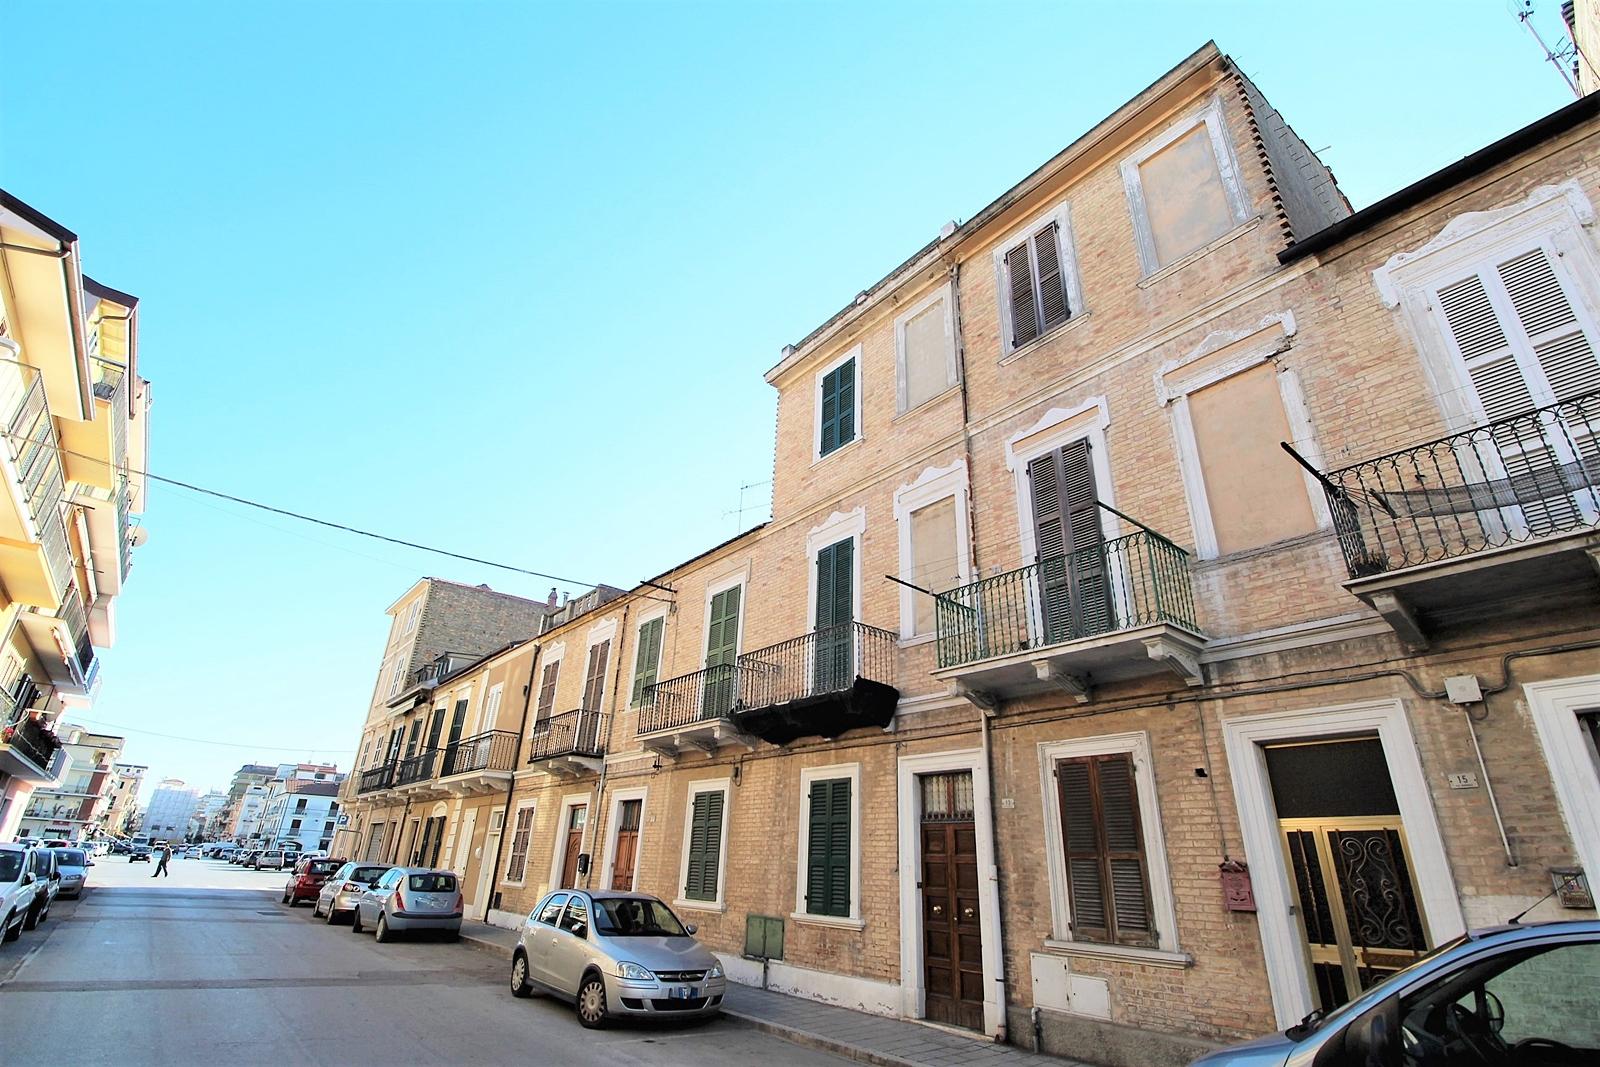 Appartamento in vendita a San Benedetto del Tronto, 6 locali, zona Località: Centralissima, prezzo € 120.000 | PortaleAgenzieImmobiliari.it